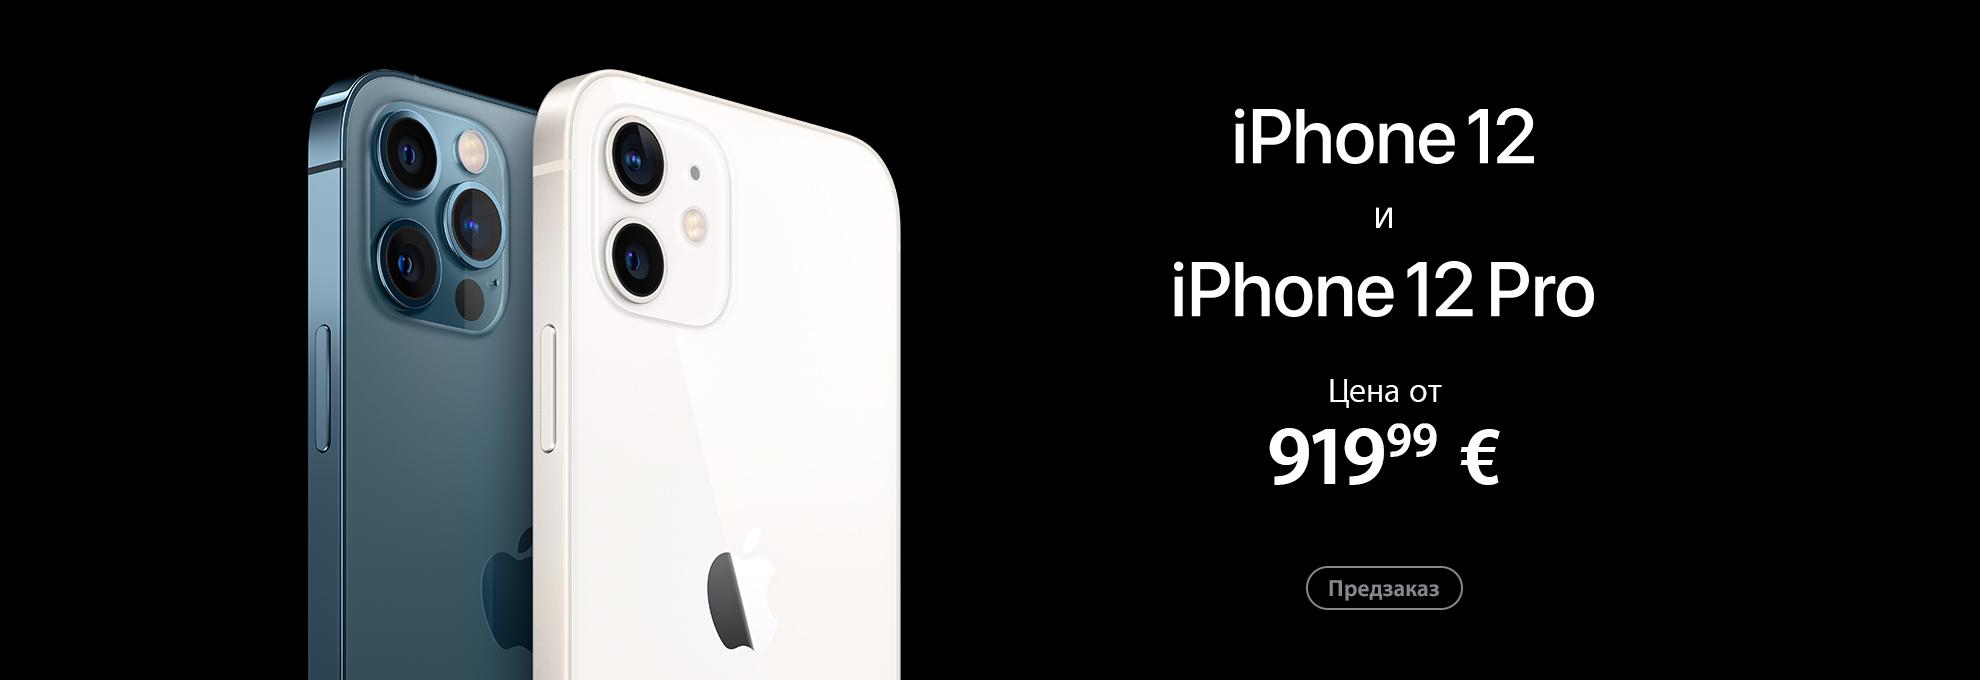 Apple iPhone 12 - предзакажи сейчас!